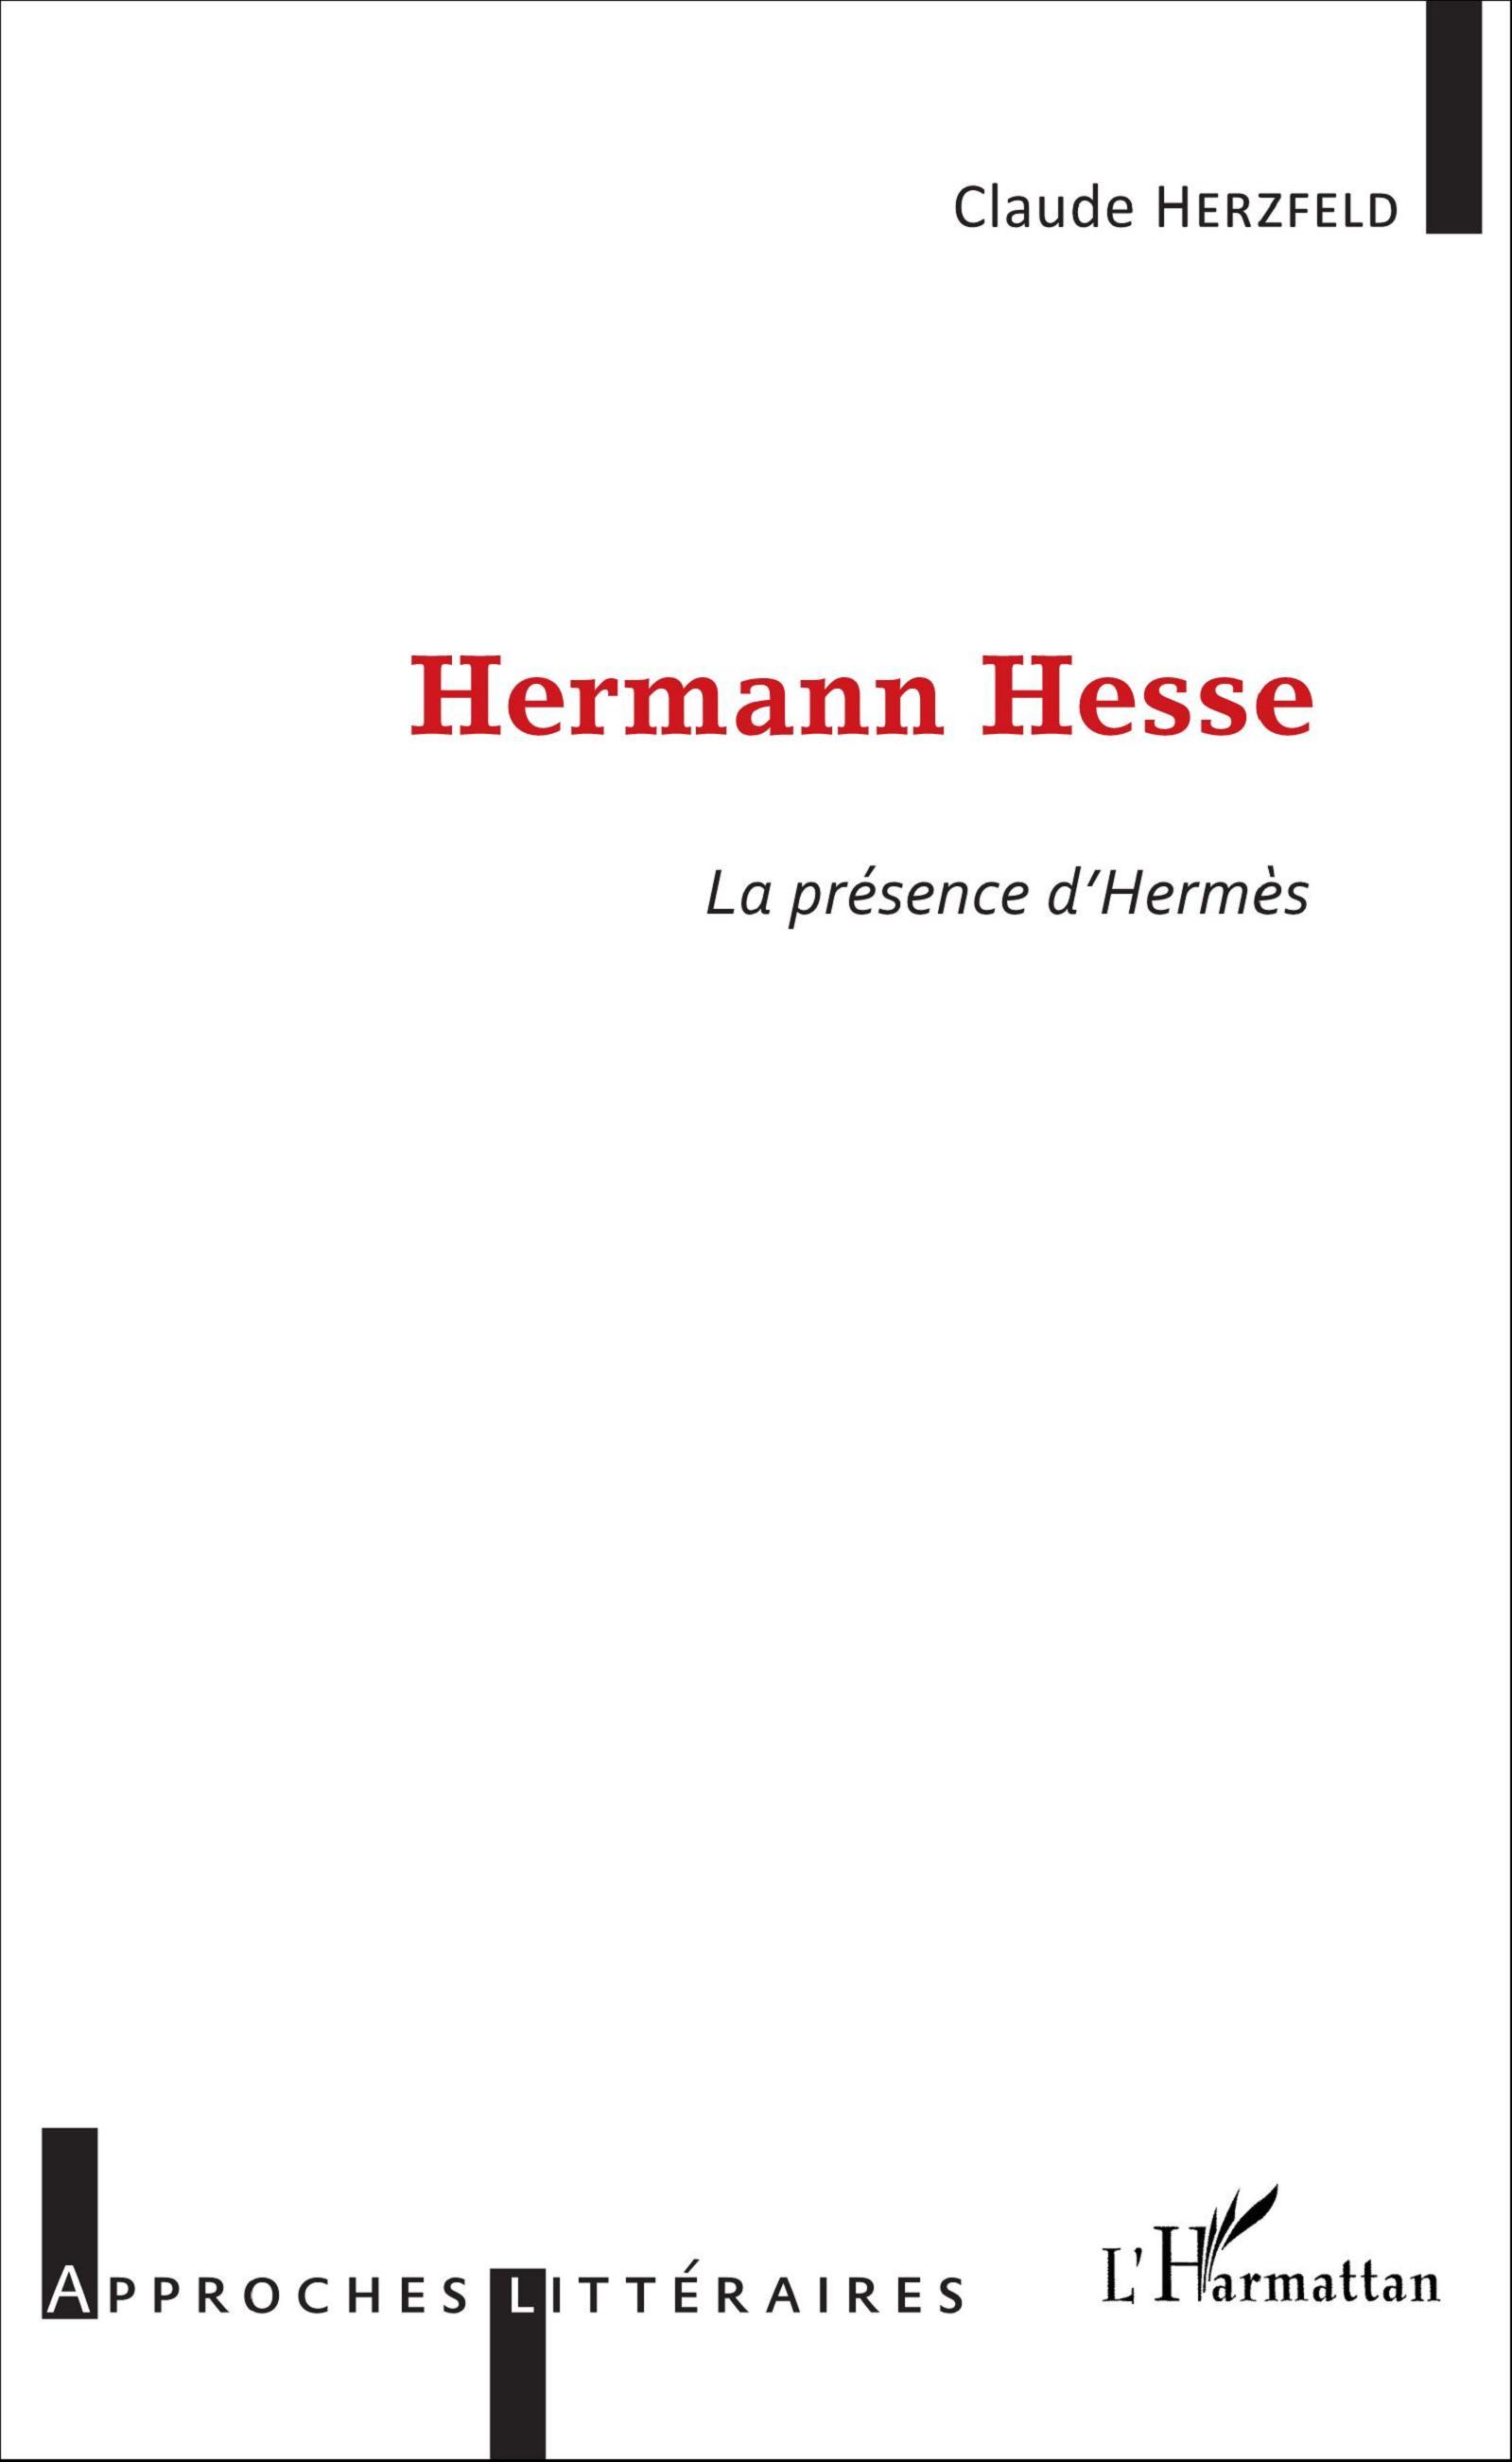 Cl. Herzfled, Hermann Hesse - La Présence d'Hermès